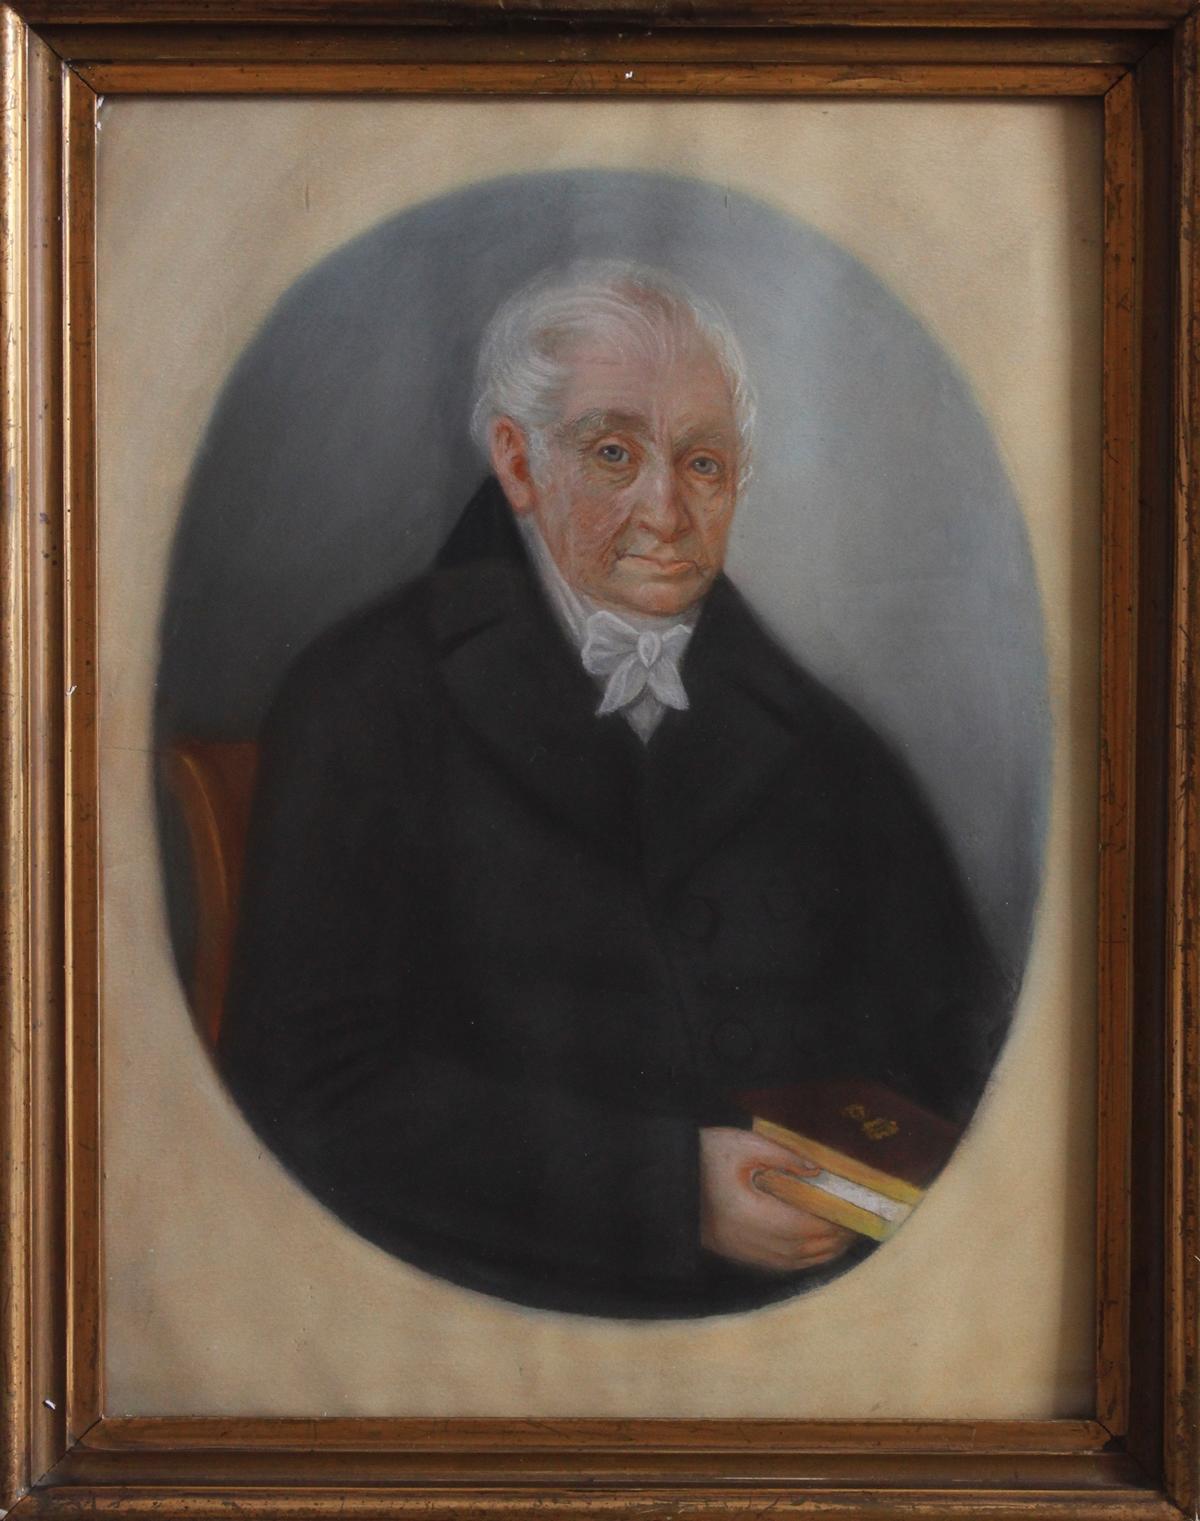 Porträt des 19. Jahrhunderts, Anonymer Maler